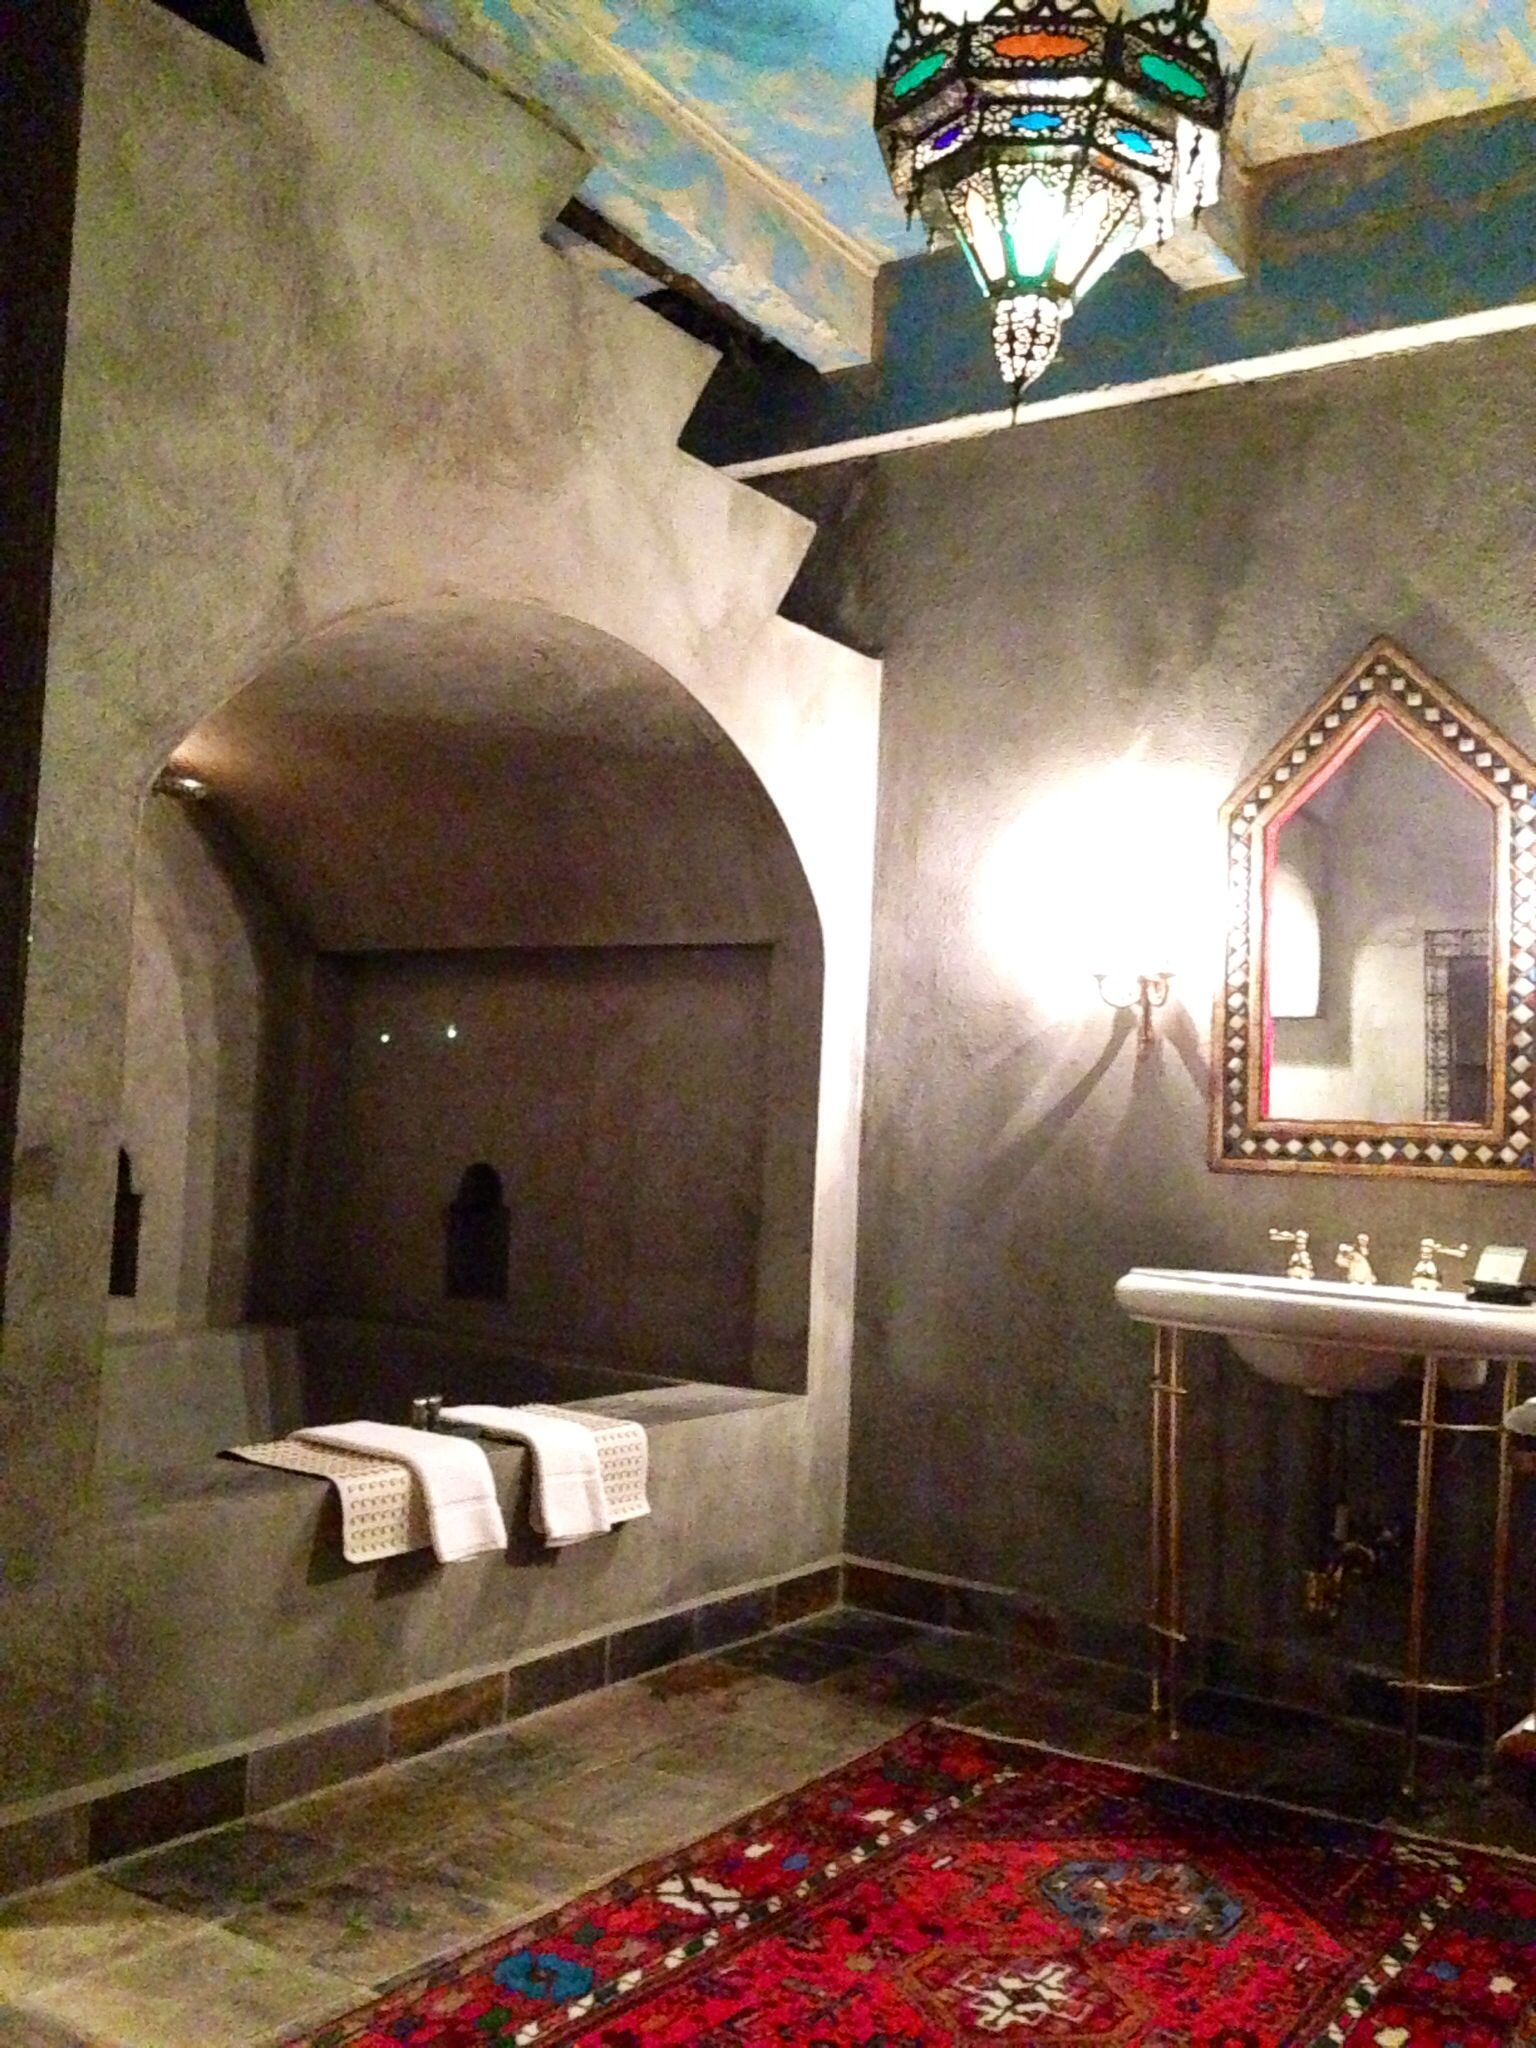 Stunning Erstellen Exotische Inneneinrichtung Marokkanischen Stil .